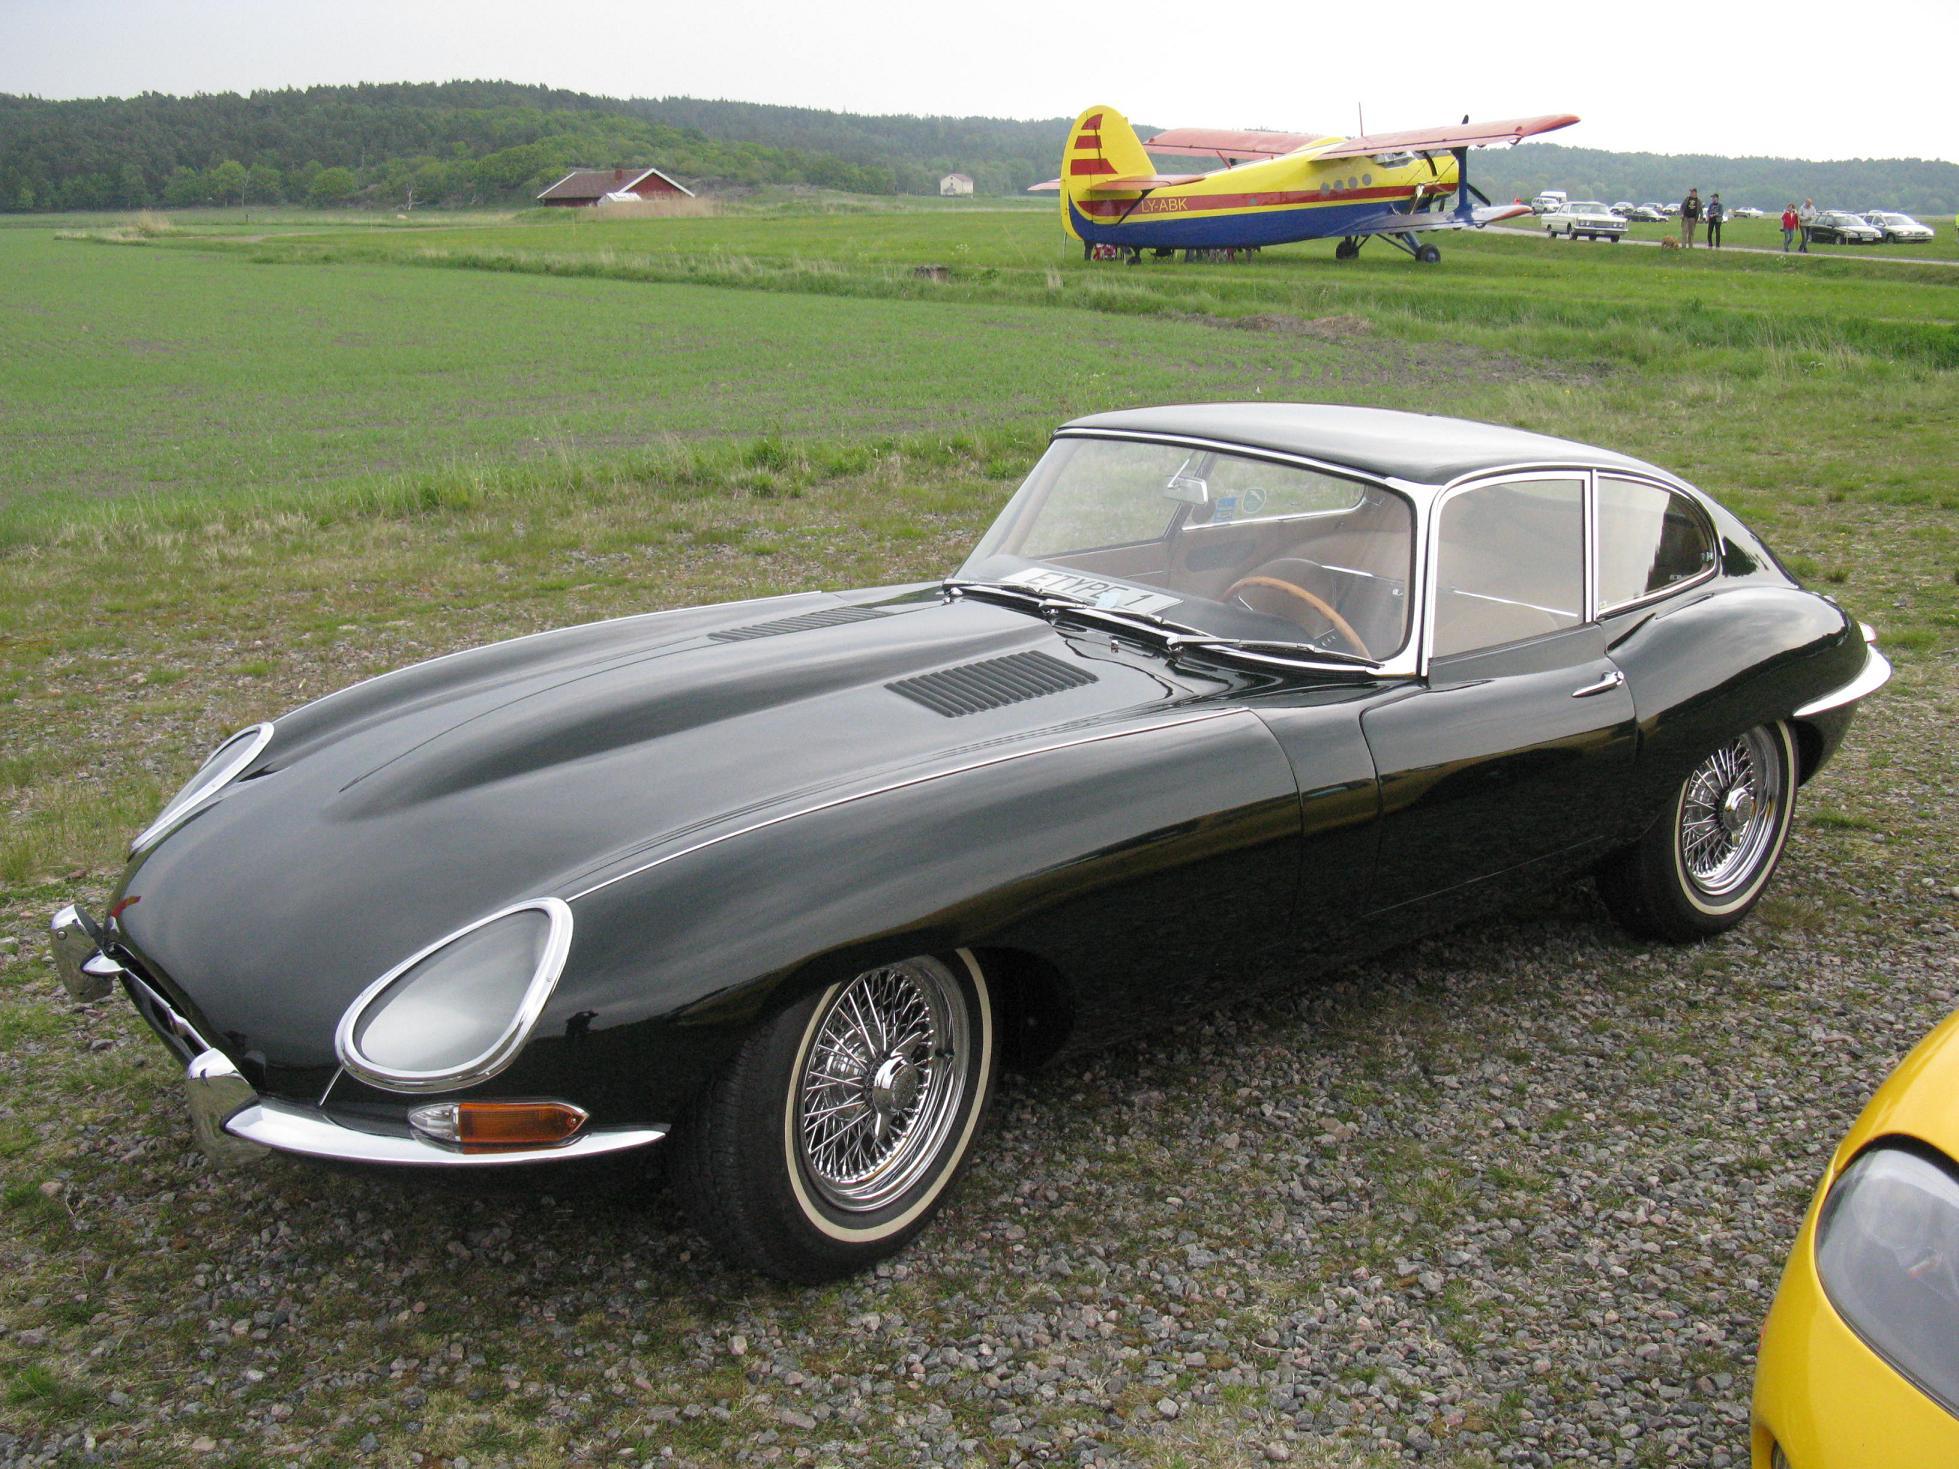 Image of an E-Type Jaguar classic car